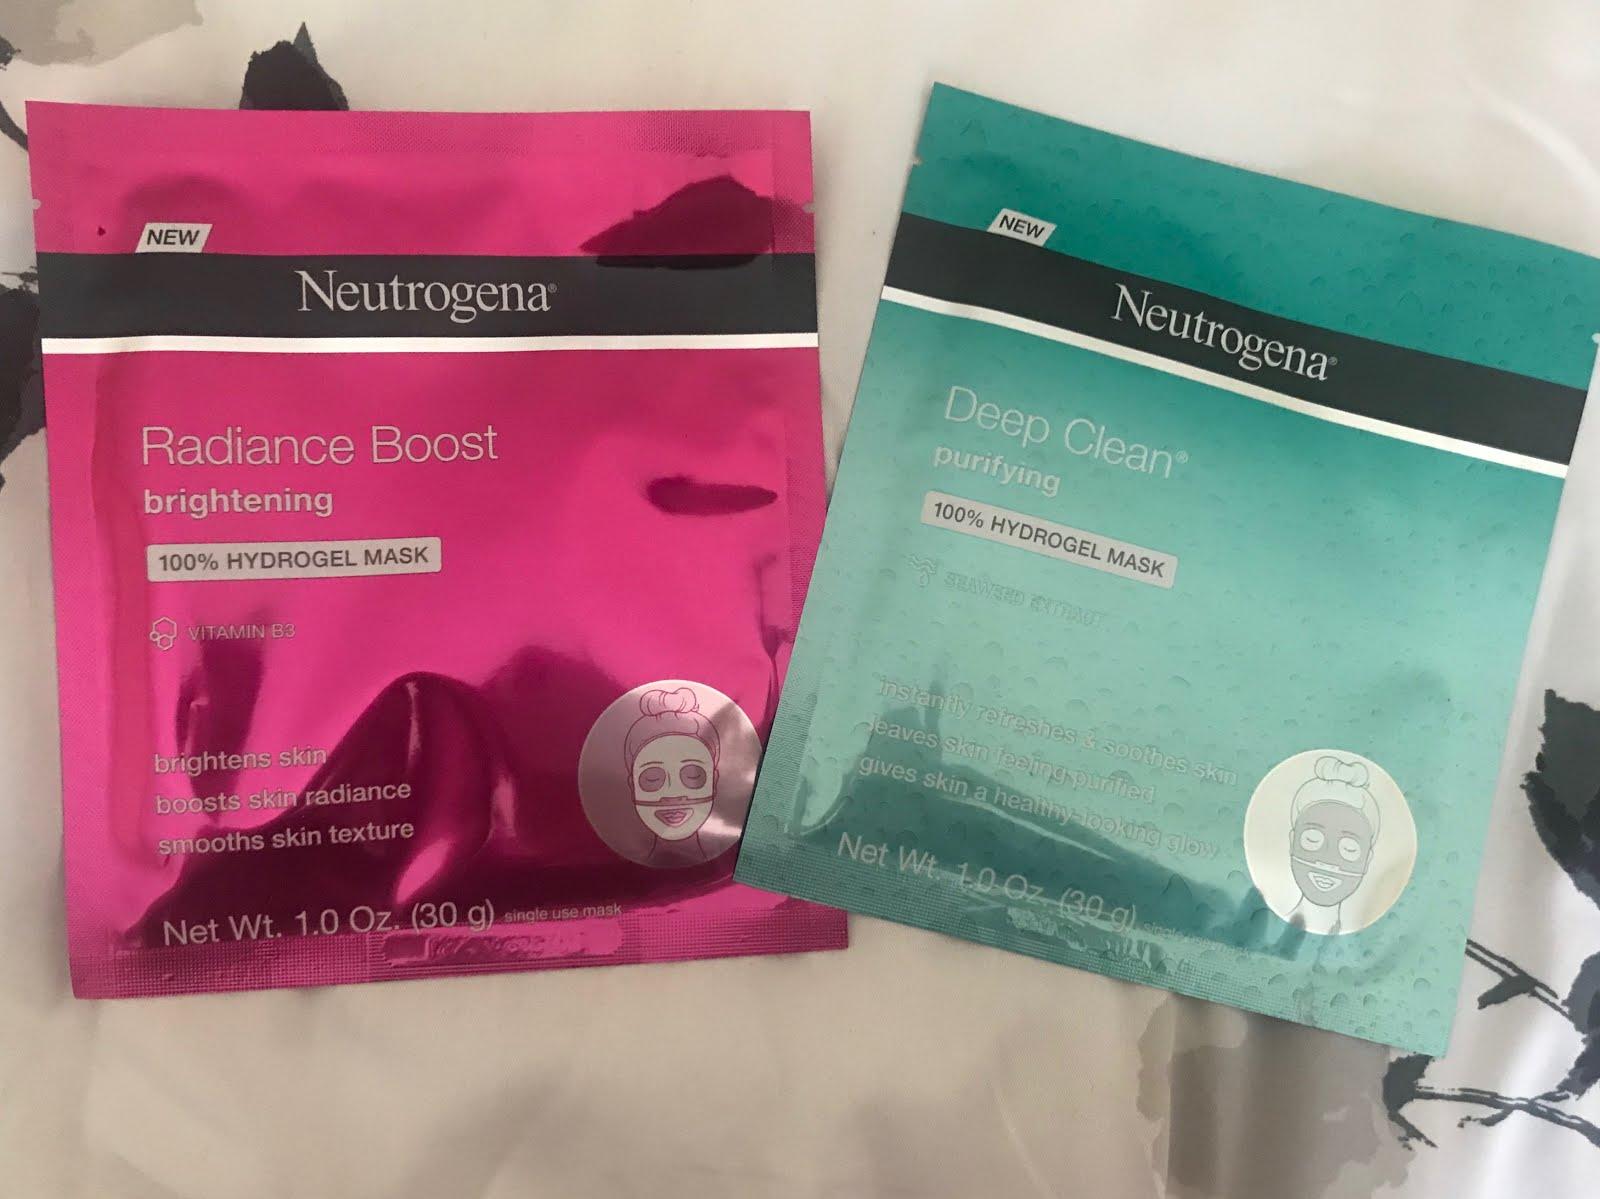 Neutrogena Beauty Products